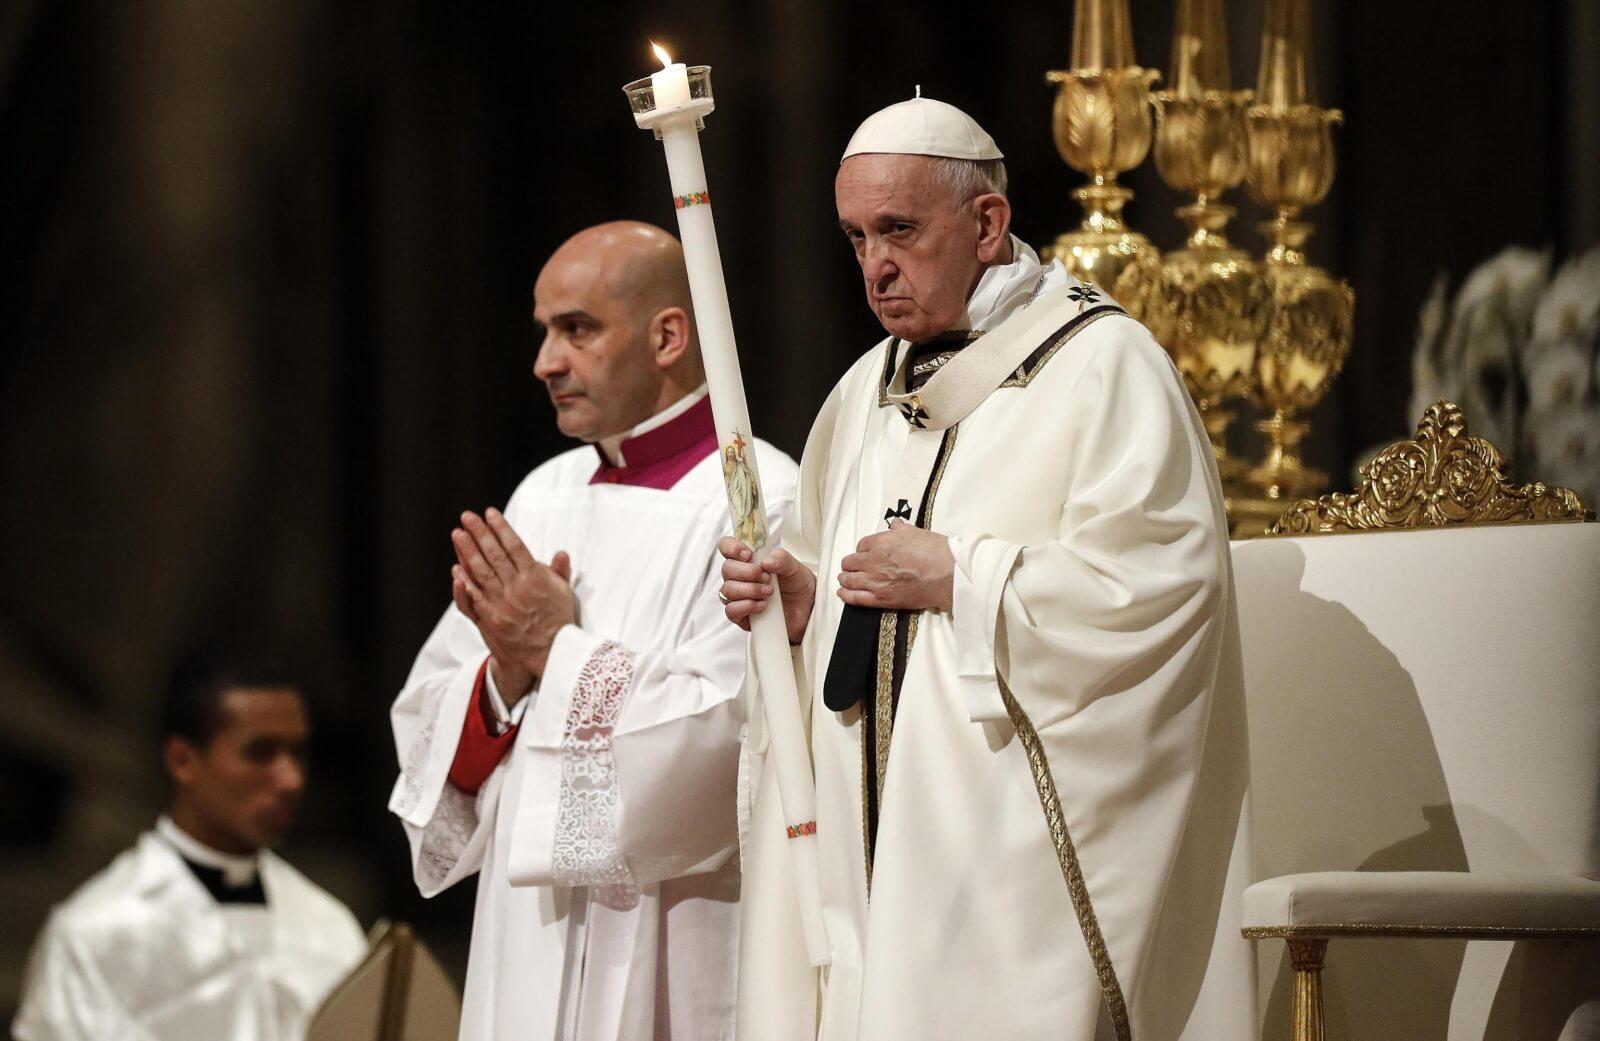 Papież Franciszek podczas wielkosobotniej liturgii fot. EPA/RICCARDO ANTIMIANI